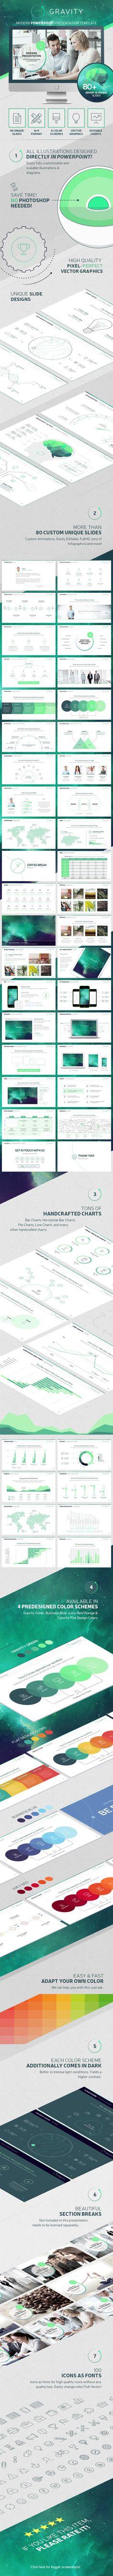 Gravity PowerPoint - Modern Presentation Template - Powerpoint Templates Presentation Templates